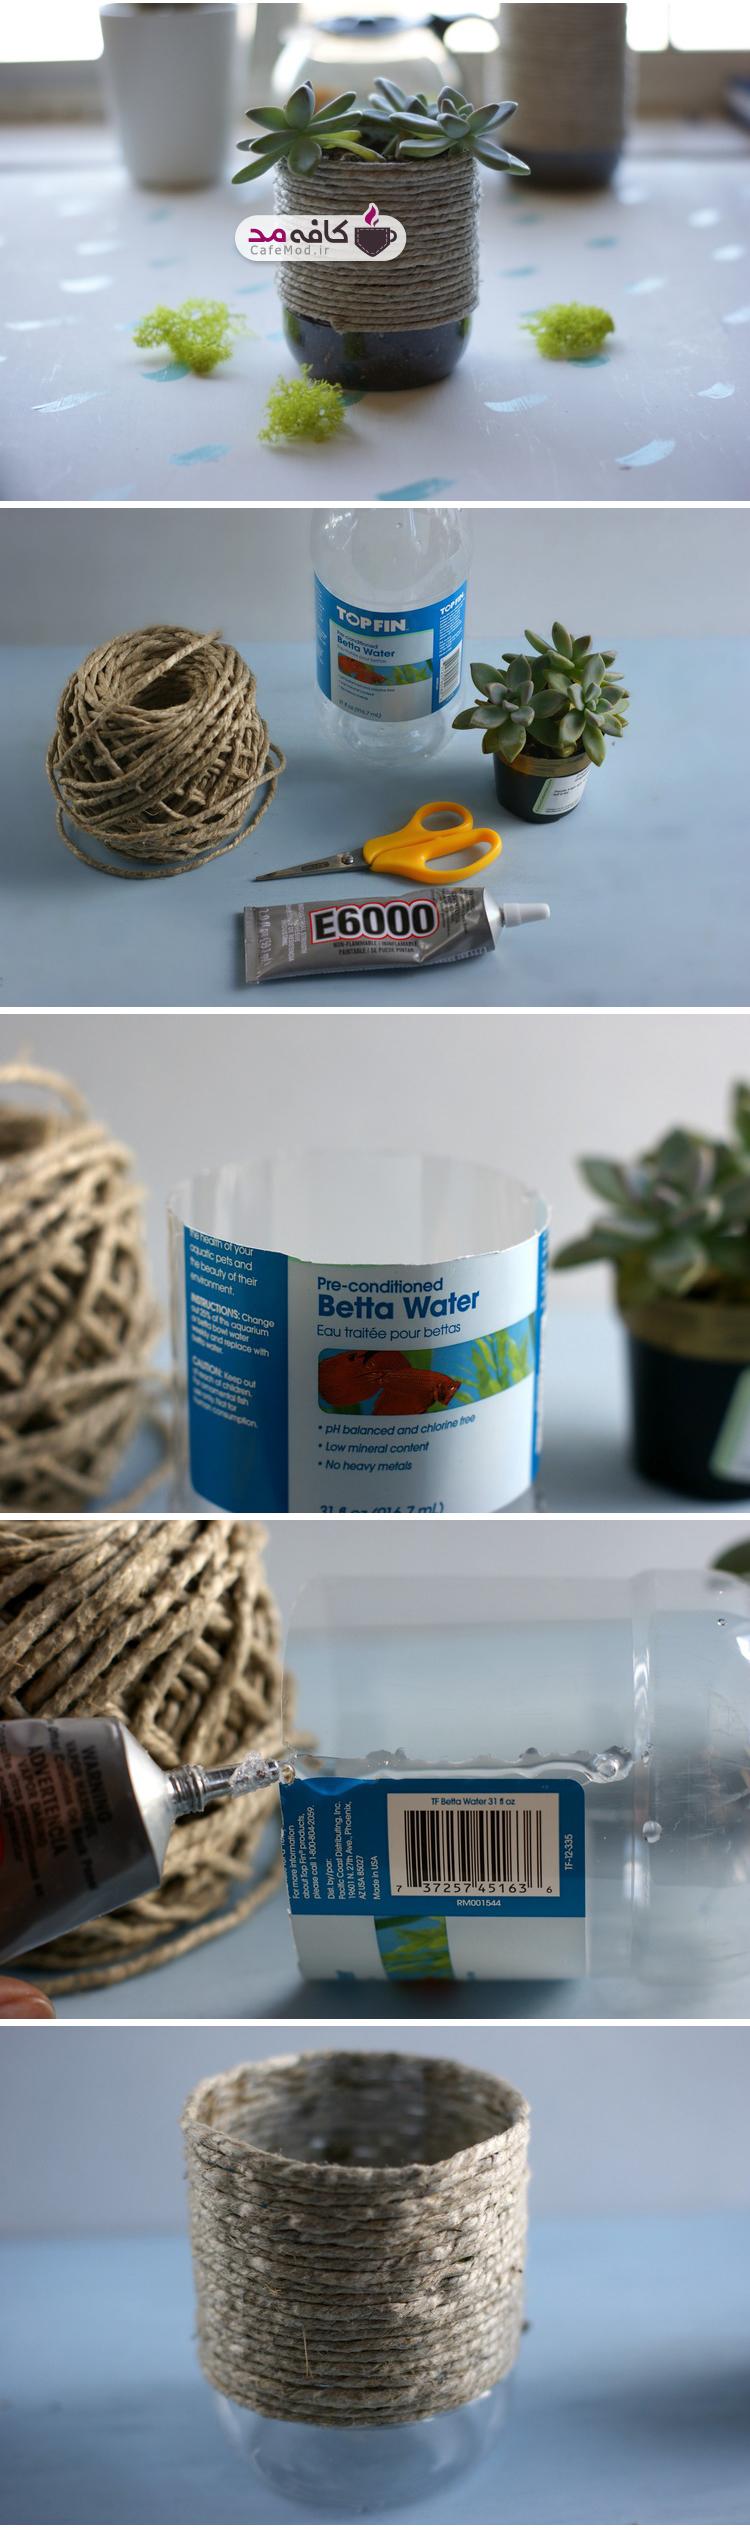 آموزش تصویری ساخت گلدان با بطری آب